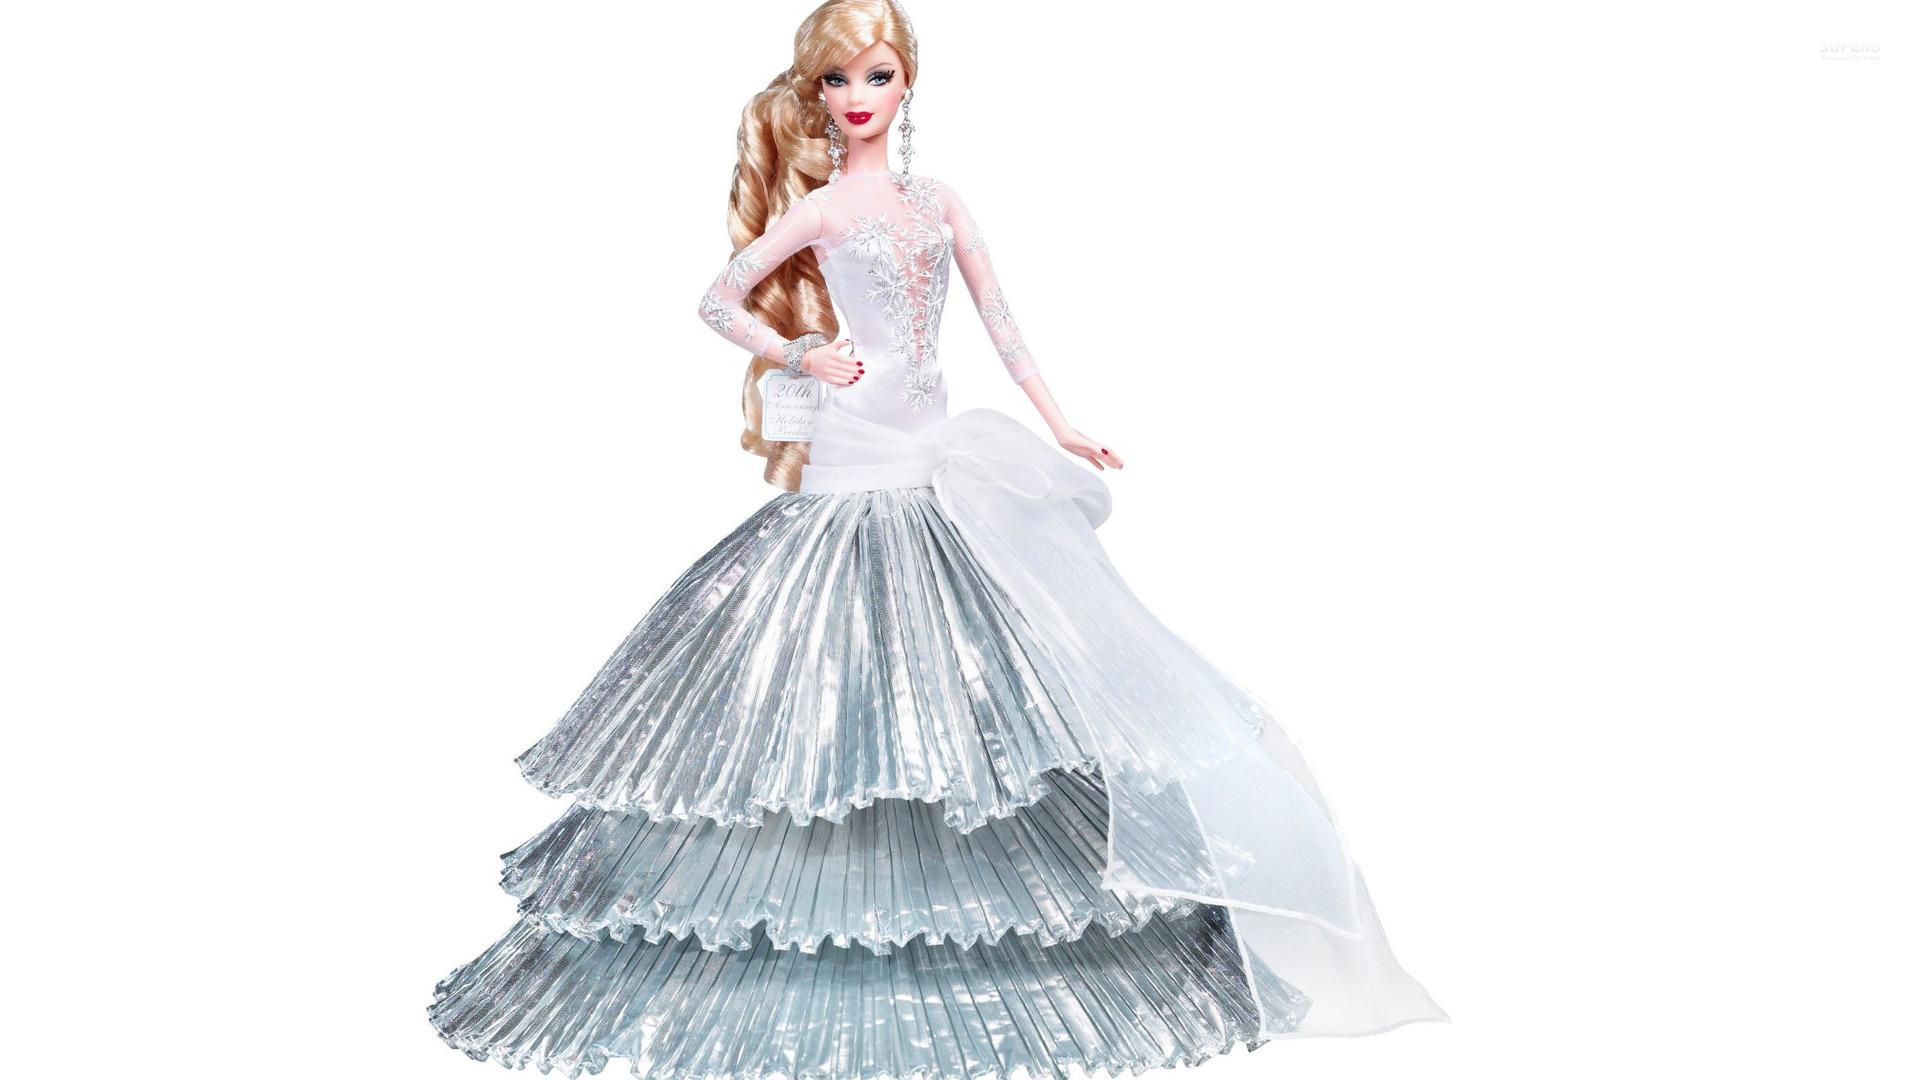 Wallpapers Of Cute Dolls For Desktop Free Desktop Barbie Wallpaper Pixelstalk Net